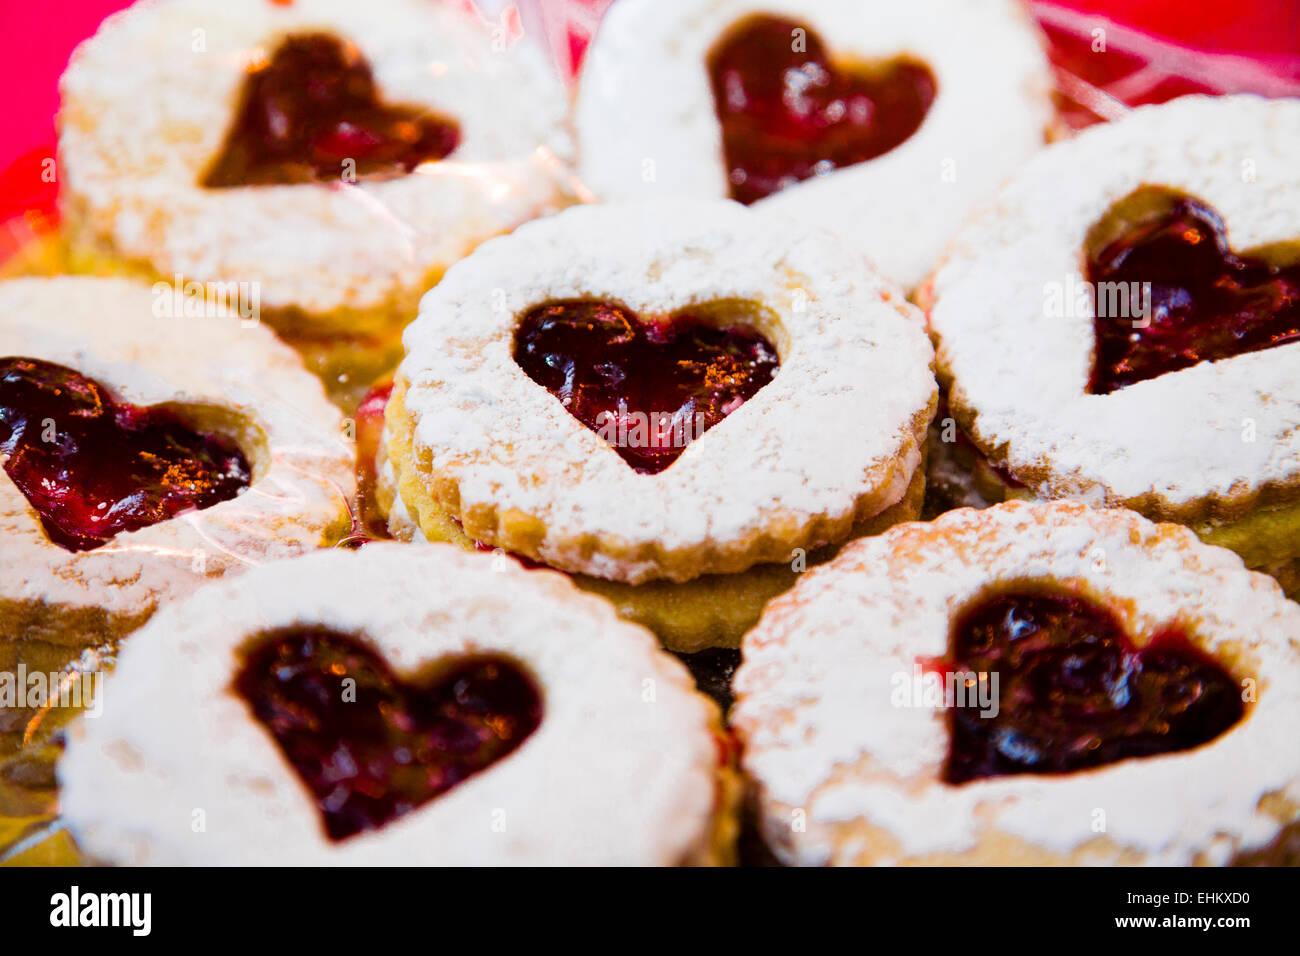 A forma di cuore jammy dodger biscotti sandwich Immagini Stock